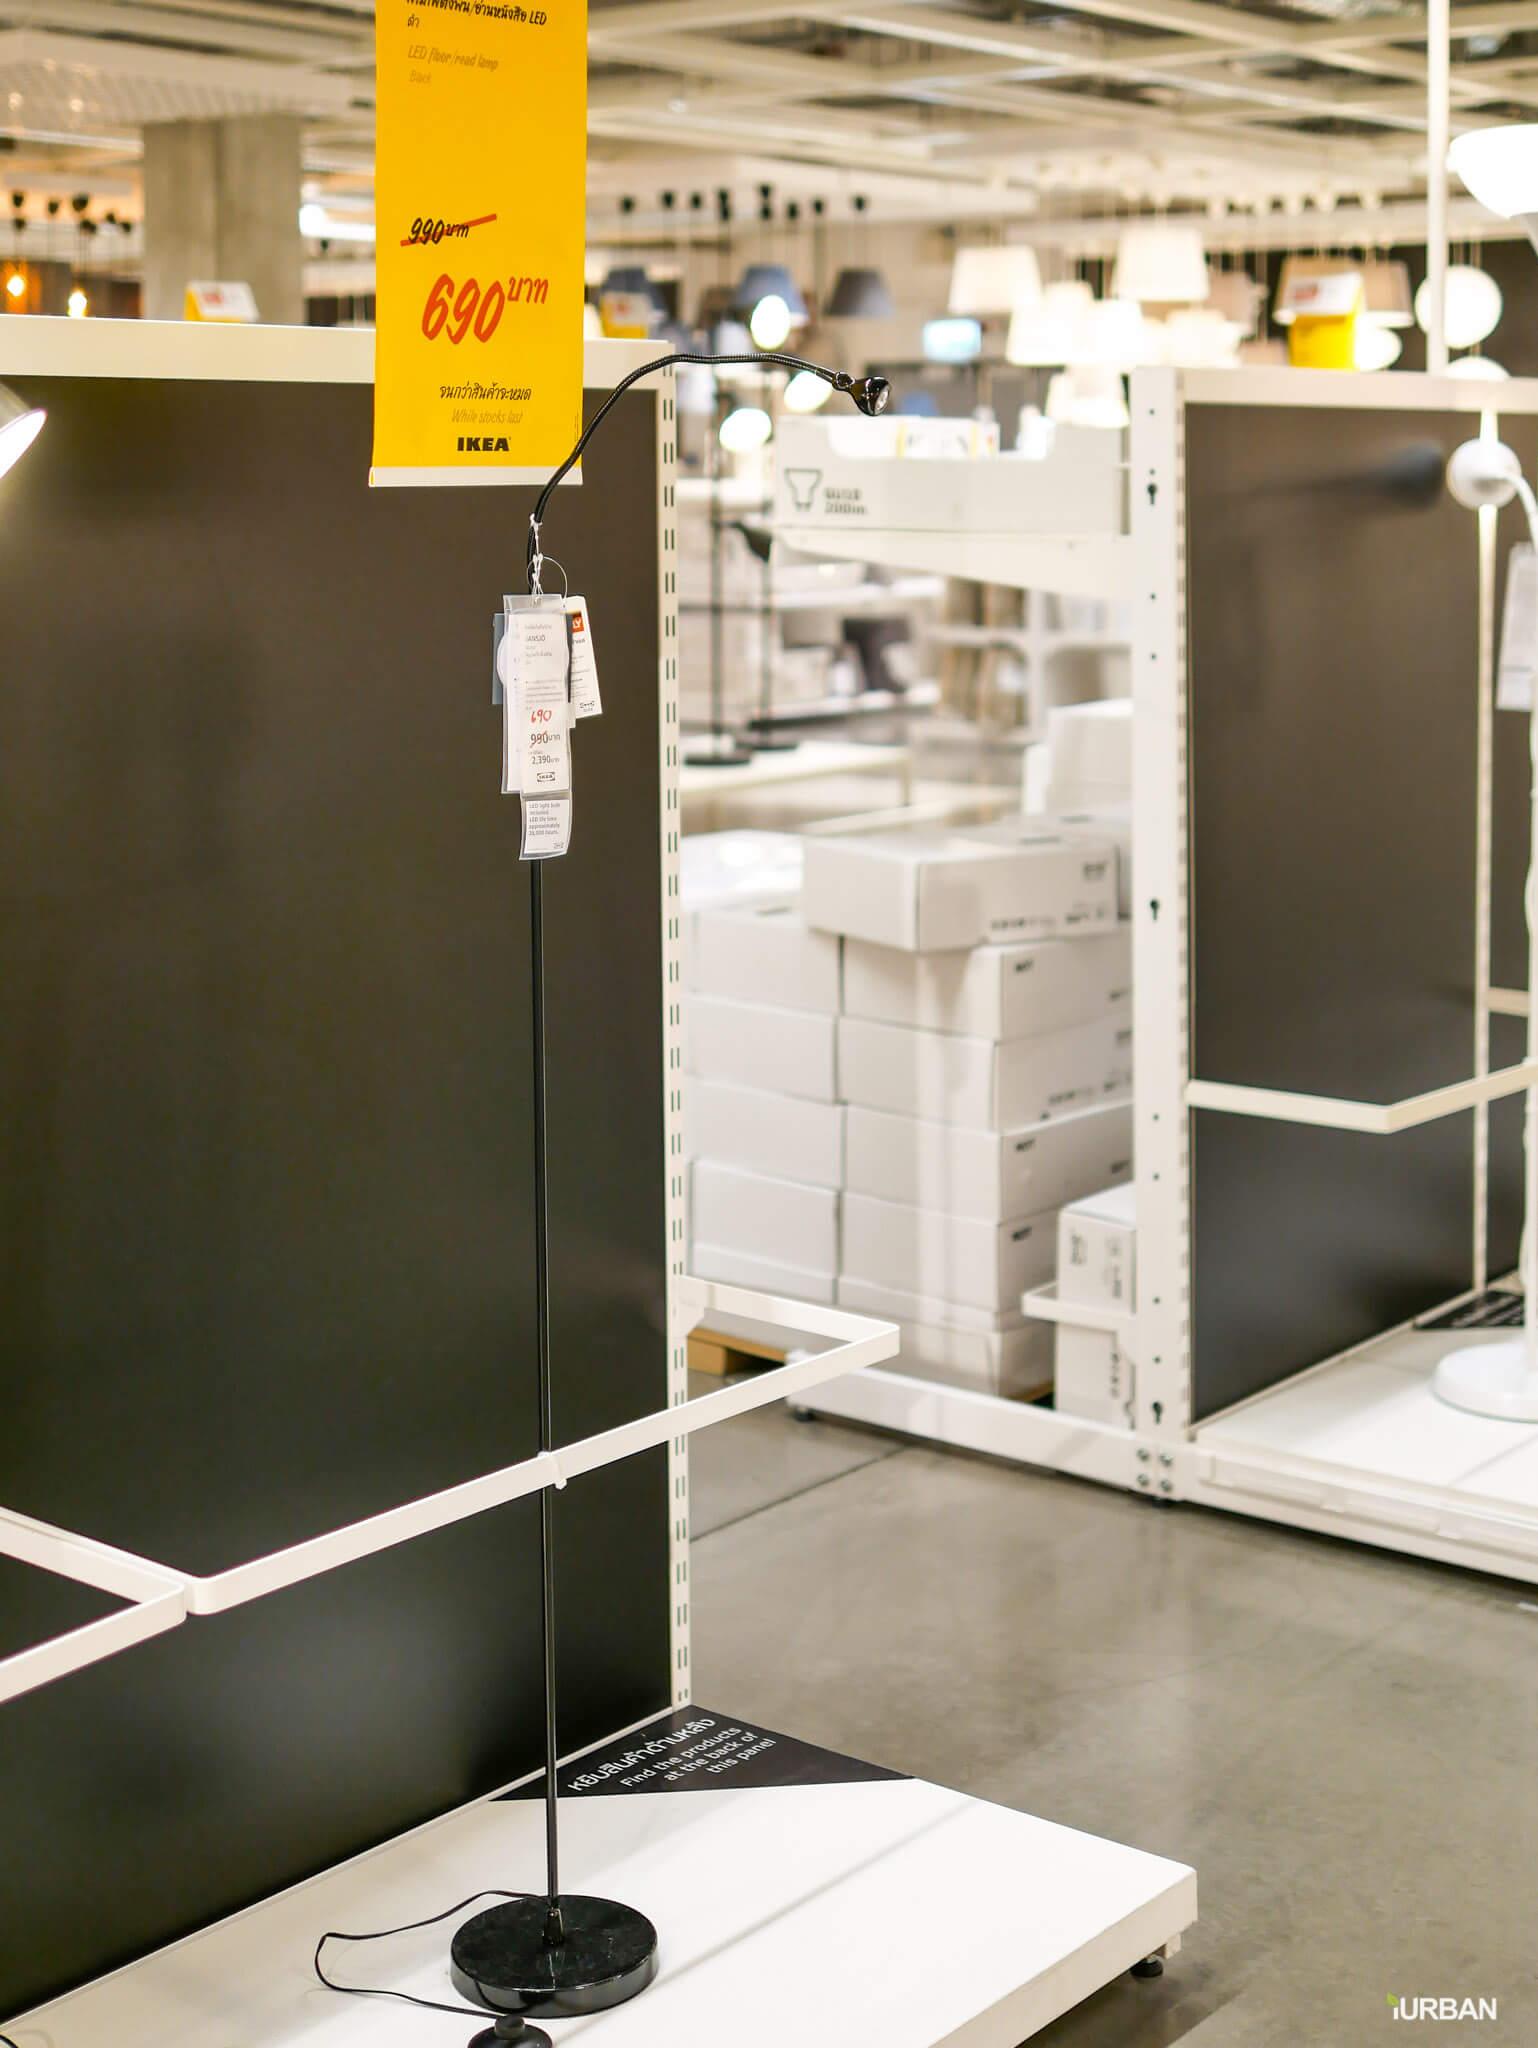 มันเยอะมากกกก!! IKEA Year End SALE 2017 รวมของเซลในอิเกีย ลดเยอะ ลดแหลก รีบพุ่งตัวไป วันนี้ - 7 มกราคม 61 157 - IKEA (อิเกีย)